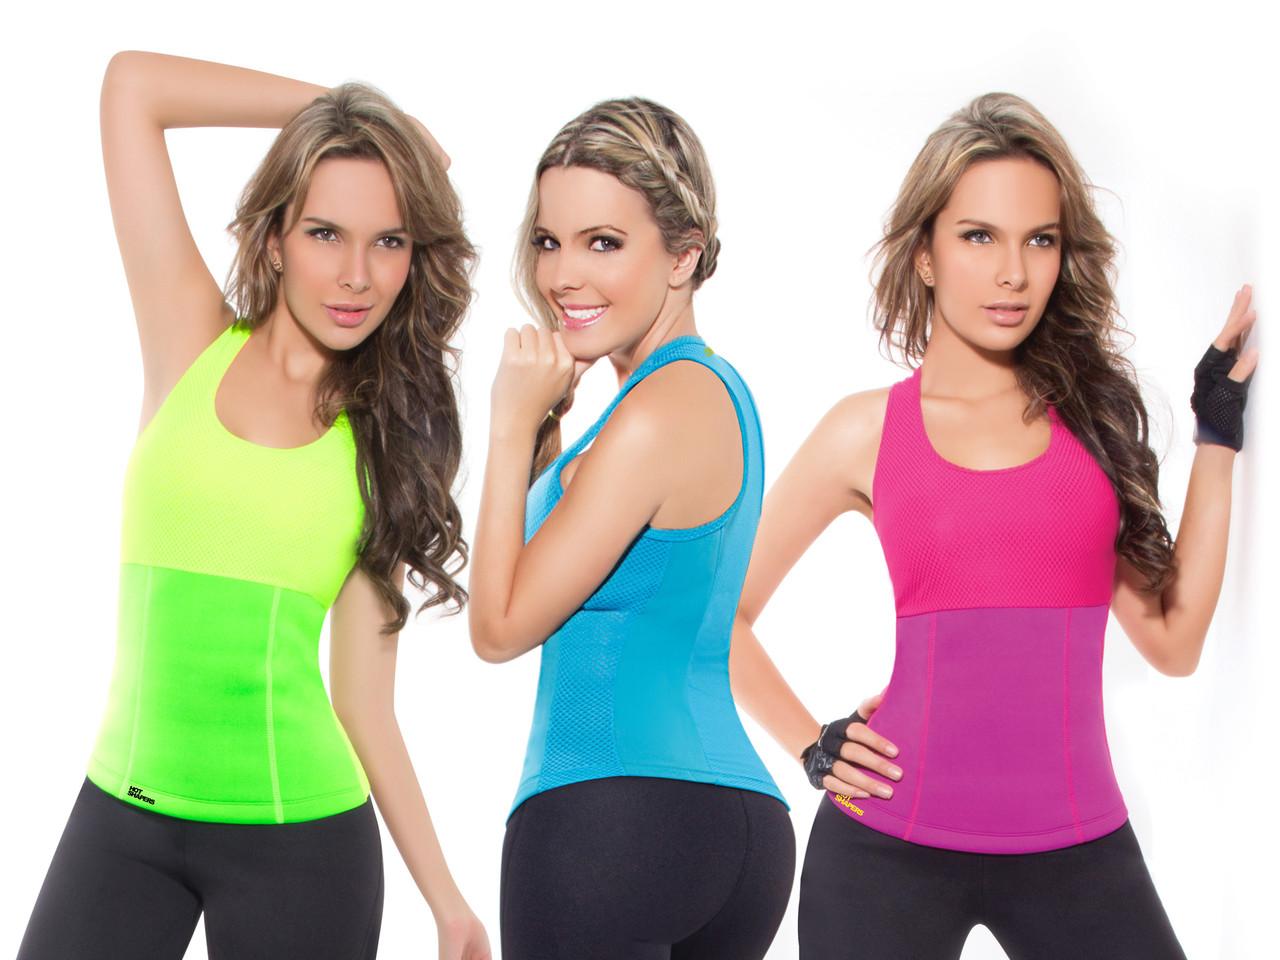 Женская спортивная Майка Hot Shapers, Хот Шейперс из материала NeoTex, разные цвета